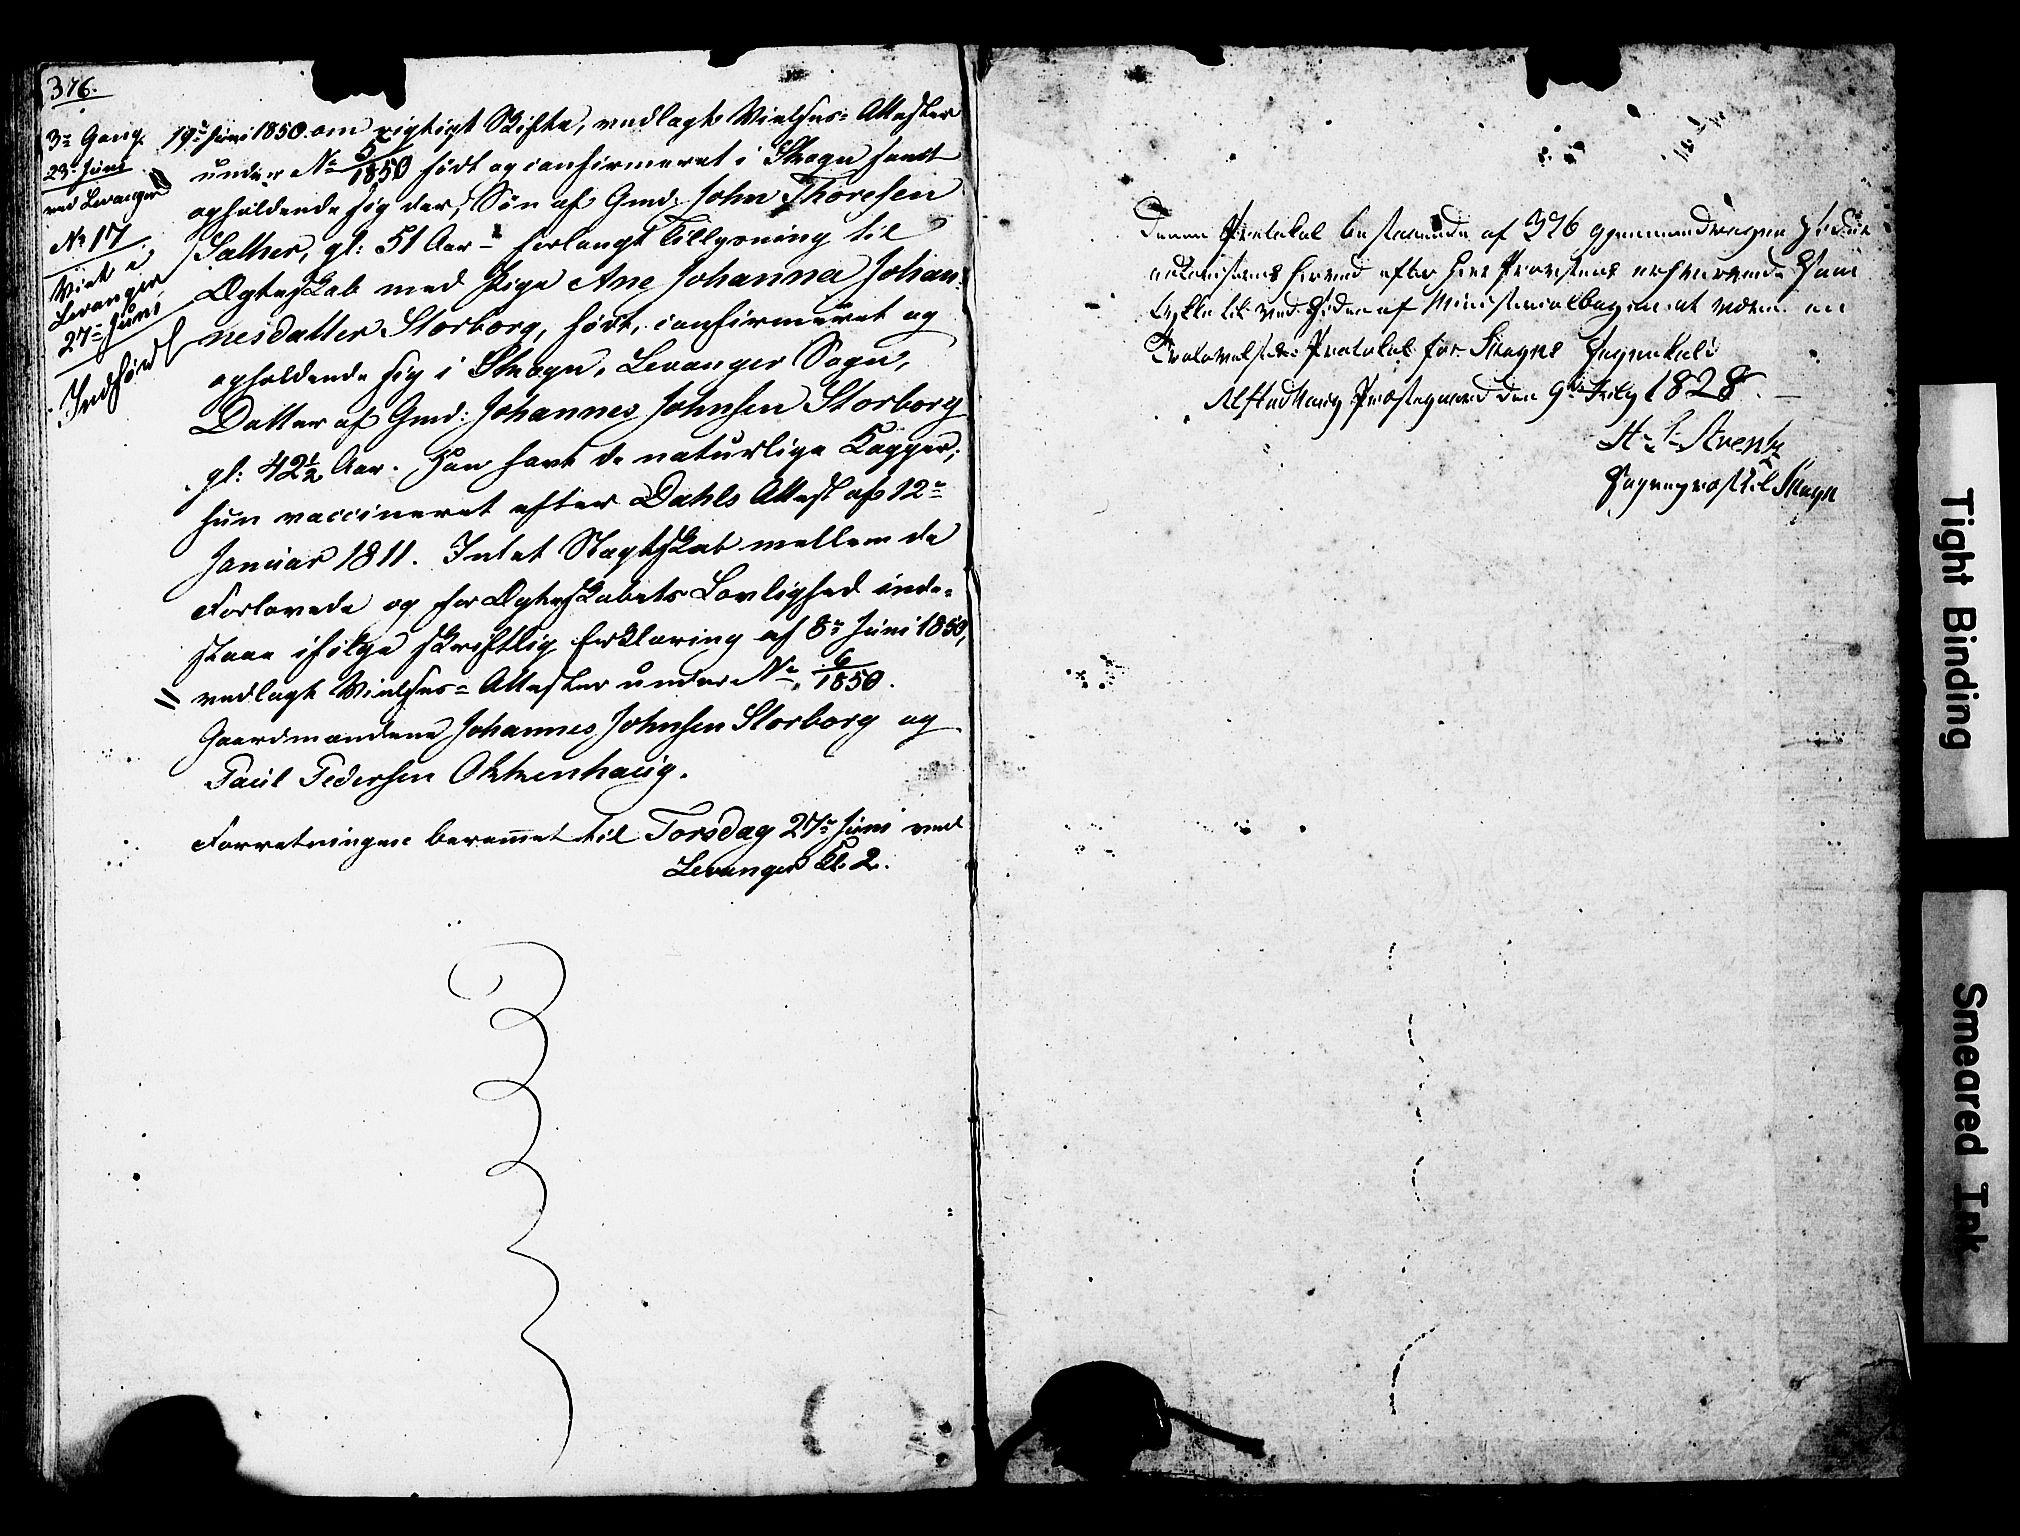 SAT, Ministerialprotokoller, klokkerbøker og fødselsregistre - Nord-Trøndelag, 717/L0160: Forlovererklæringer nr. 717A10, 1828-1850, s. 376-377